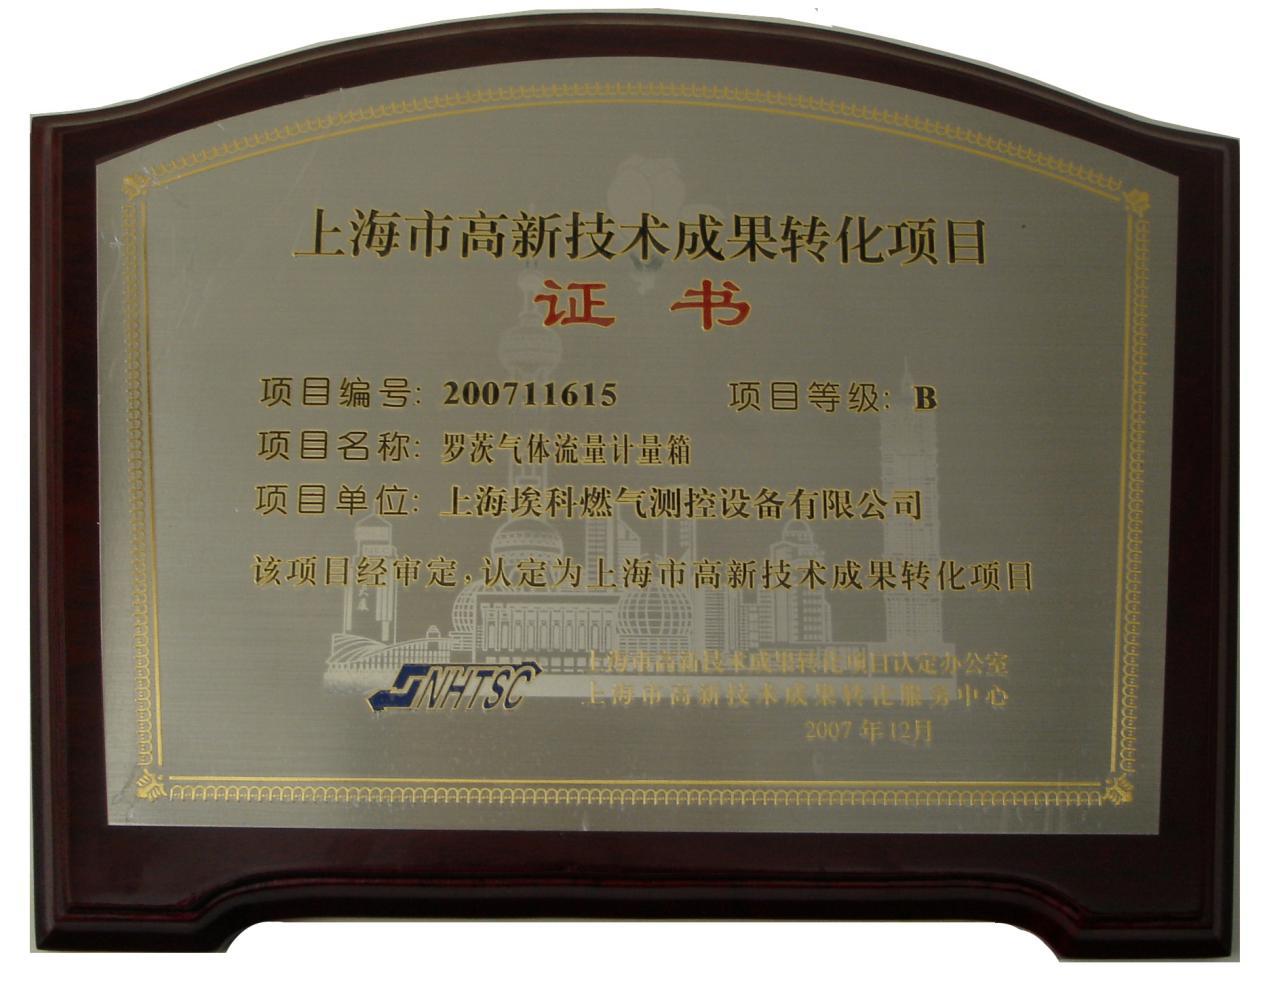 上海市高新技术成果转化项目证书